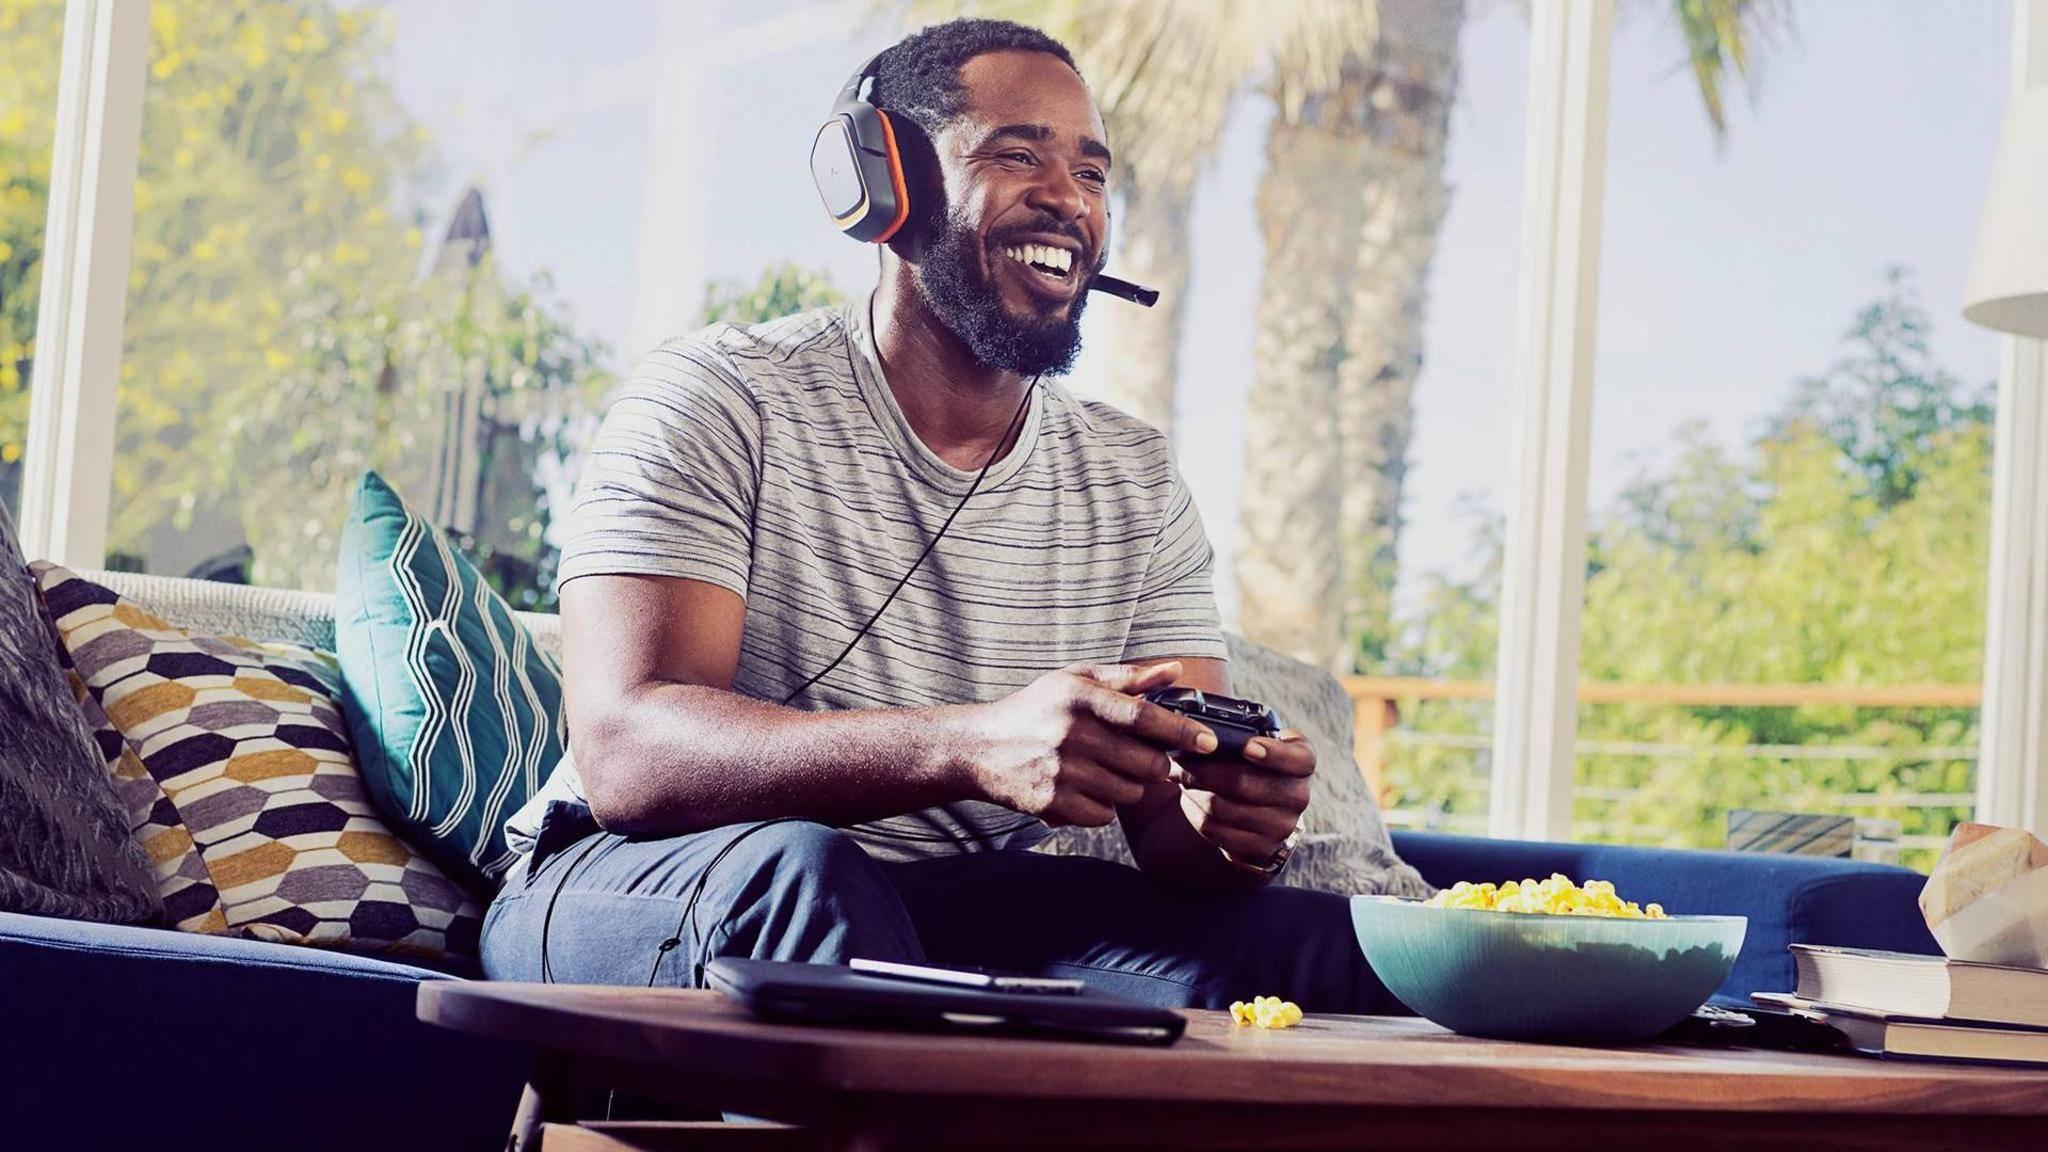 Wir stellen 10 Gaming-Headsets aus unterschiedlichen Preisklassen vor.